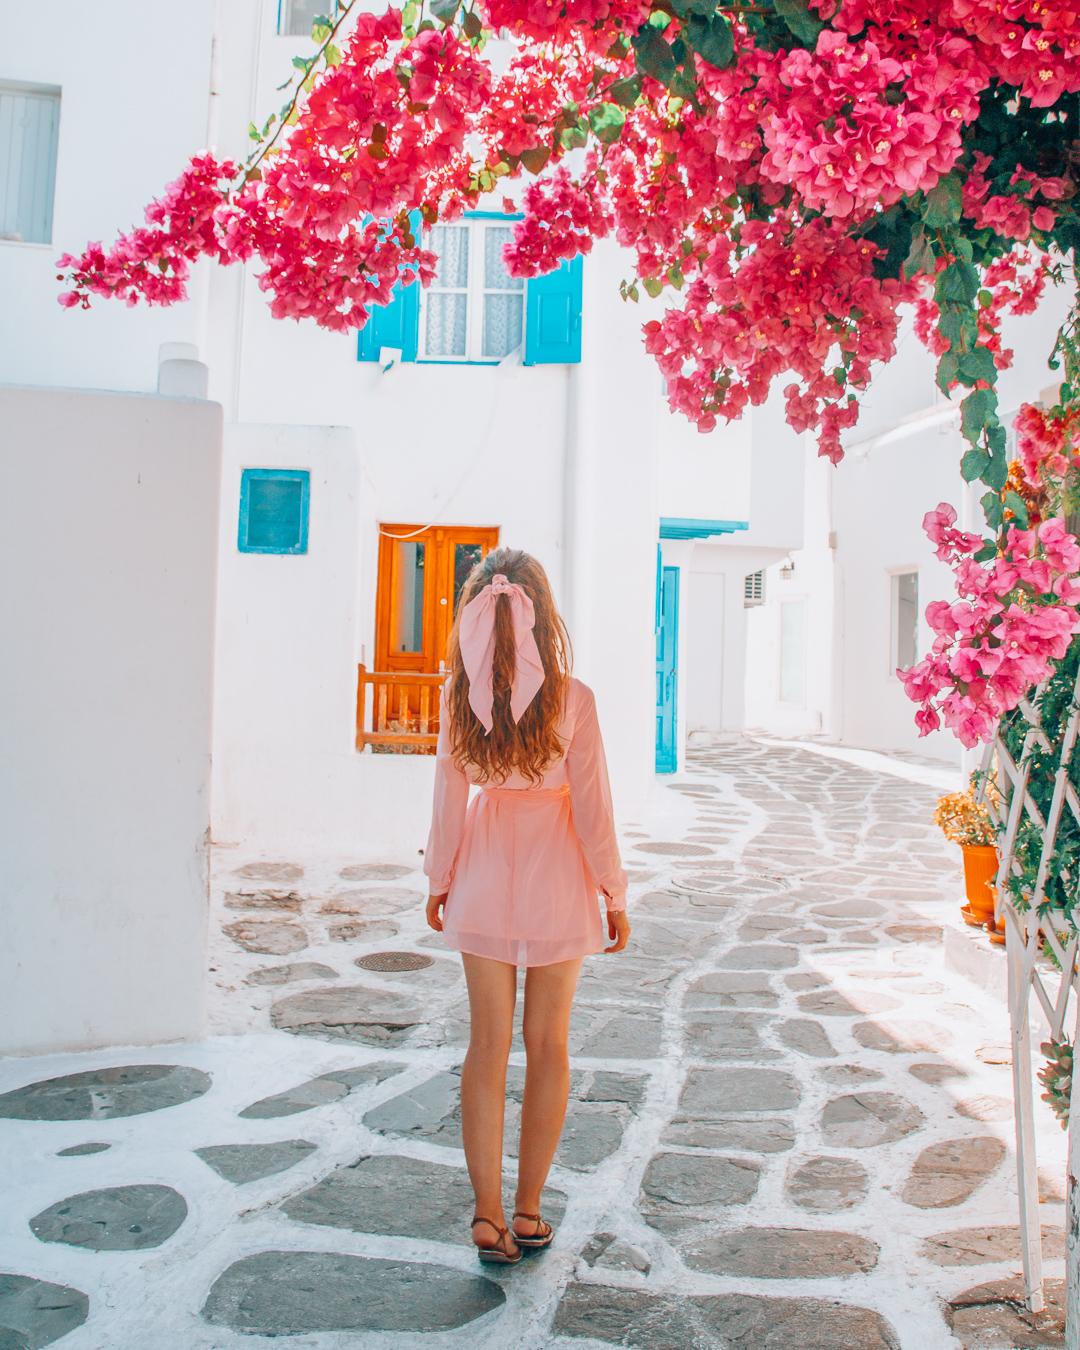 Girl walking away from pink flowers in Mykonos